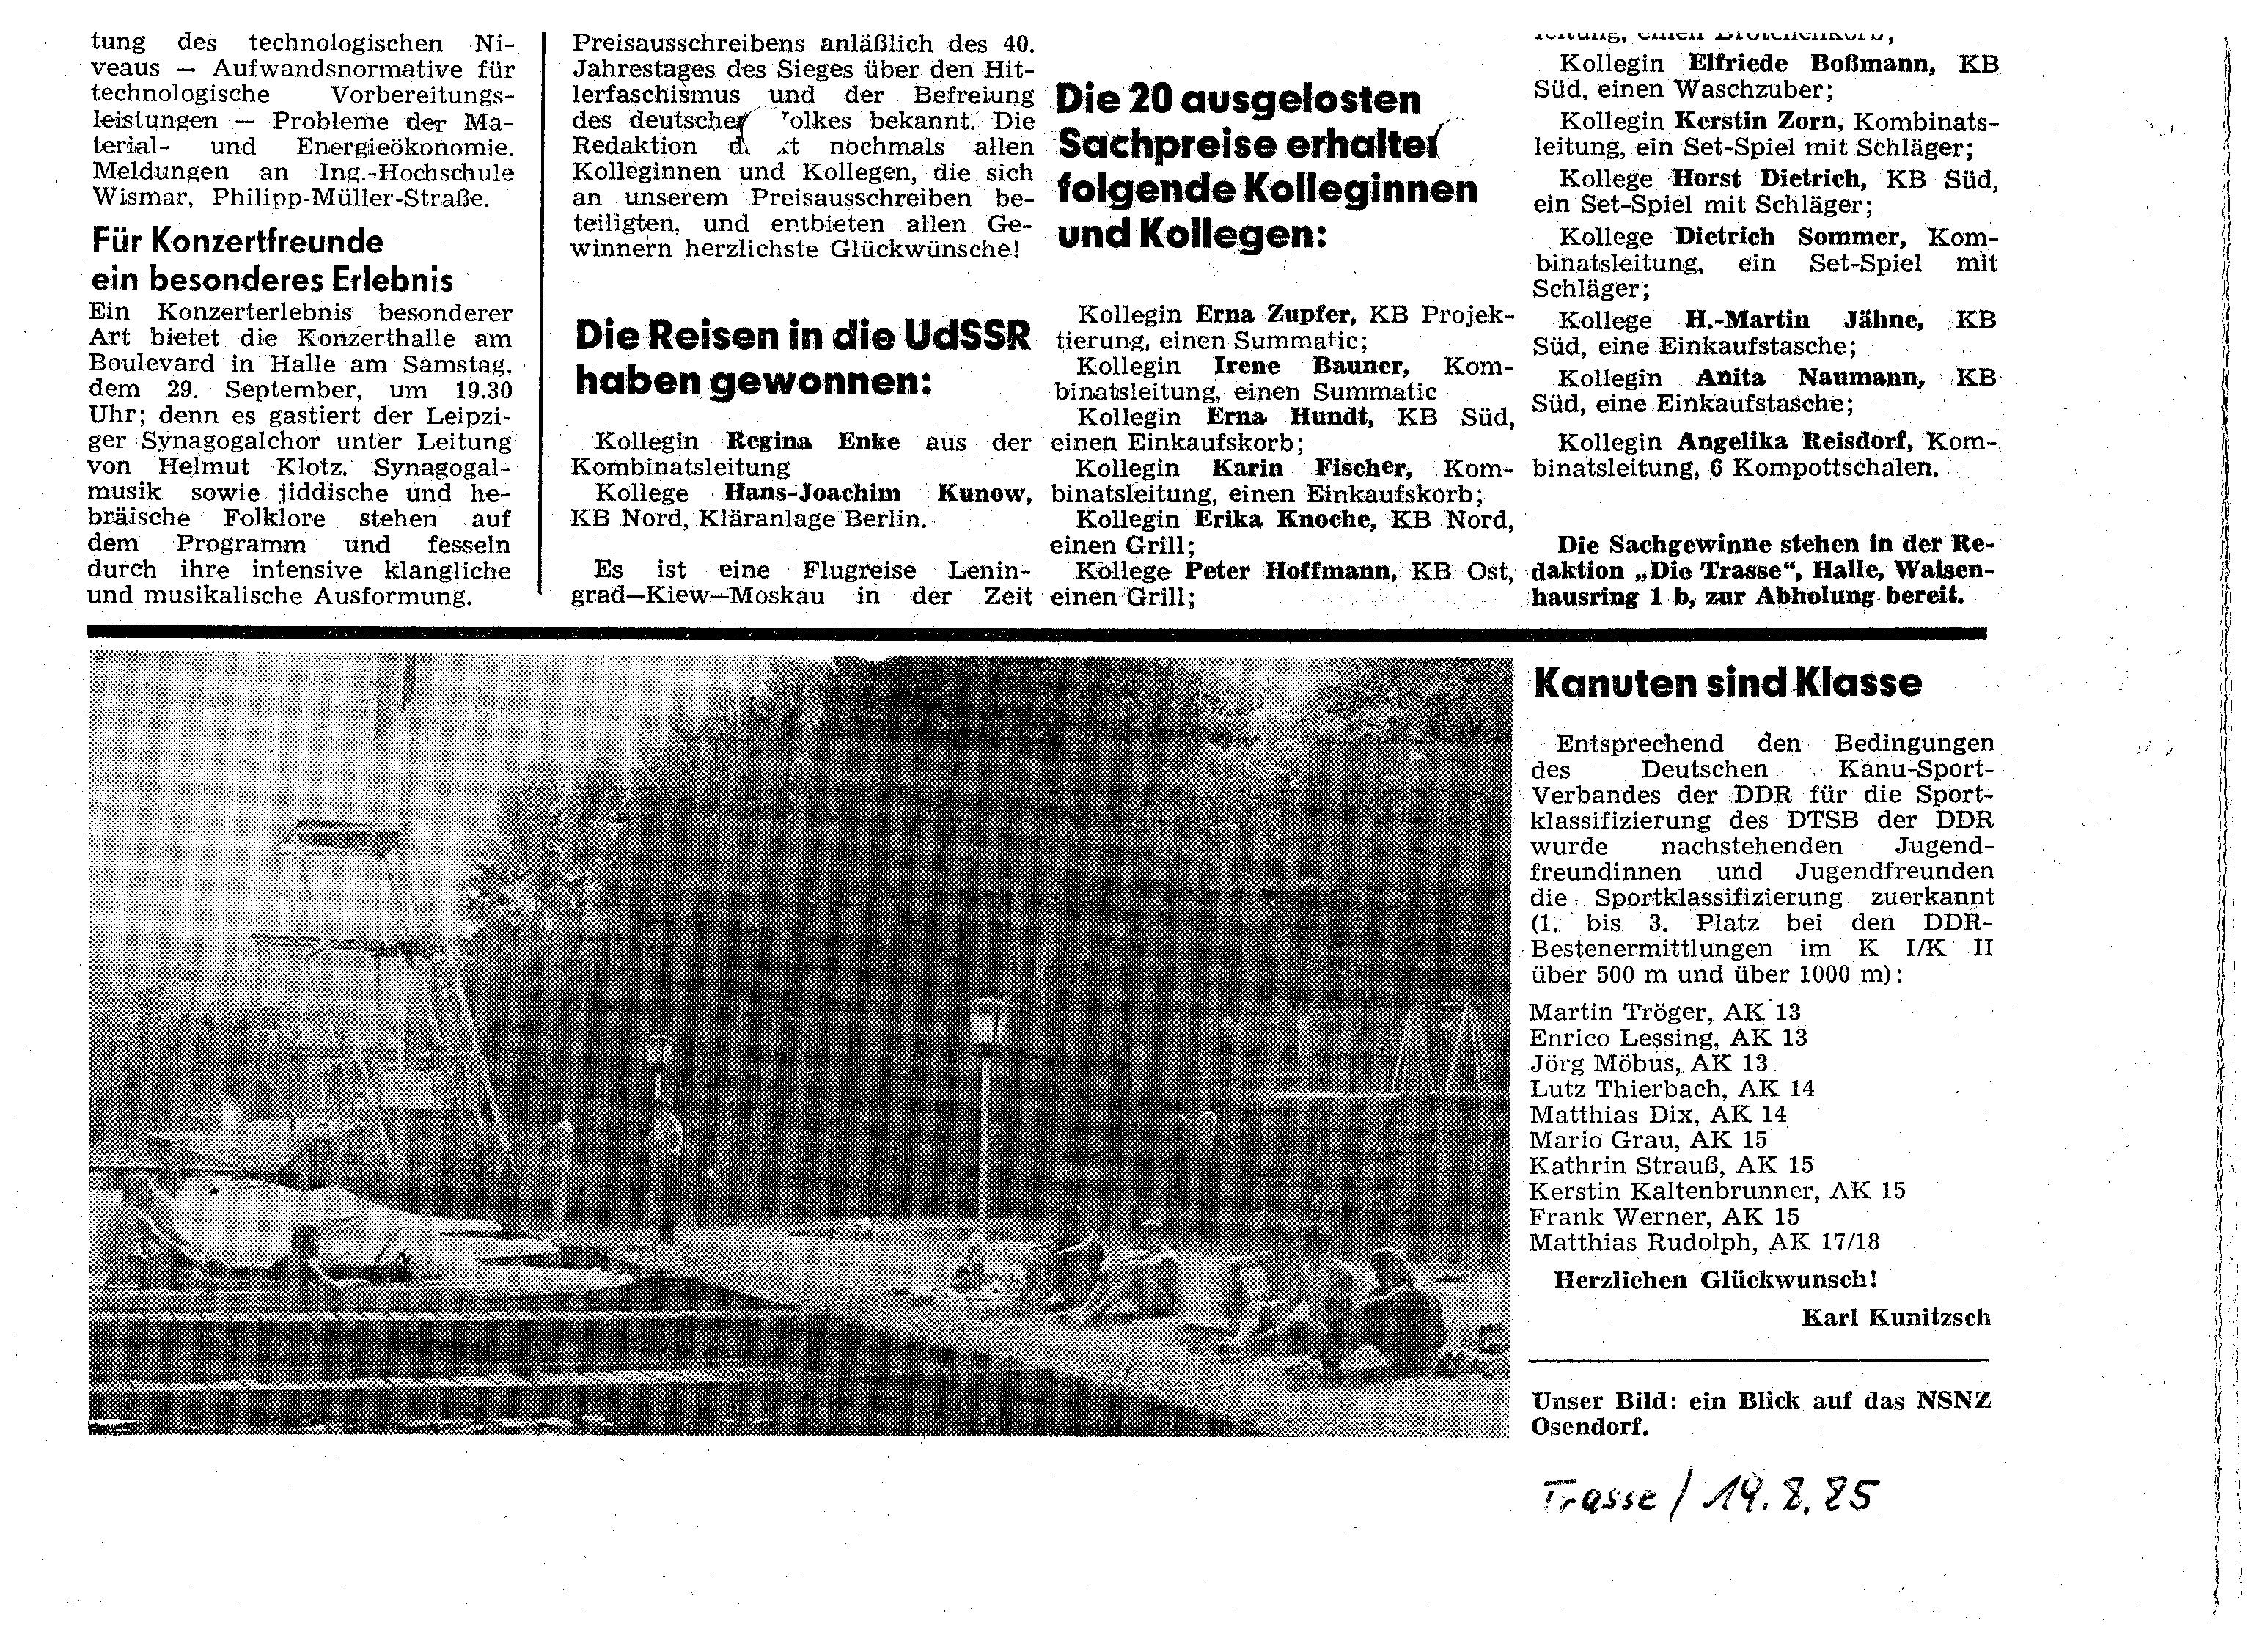 1985-08-19 Trasse Kanuten sind Klasse